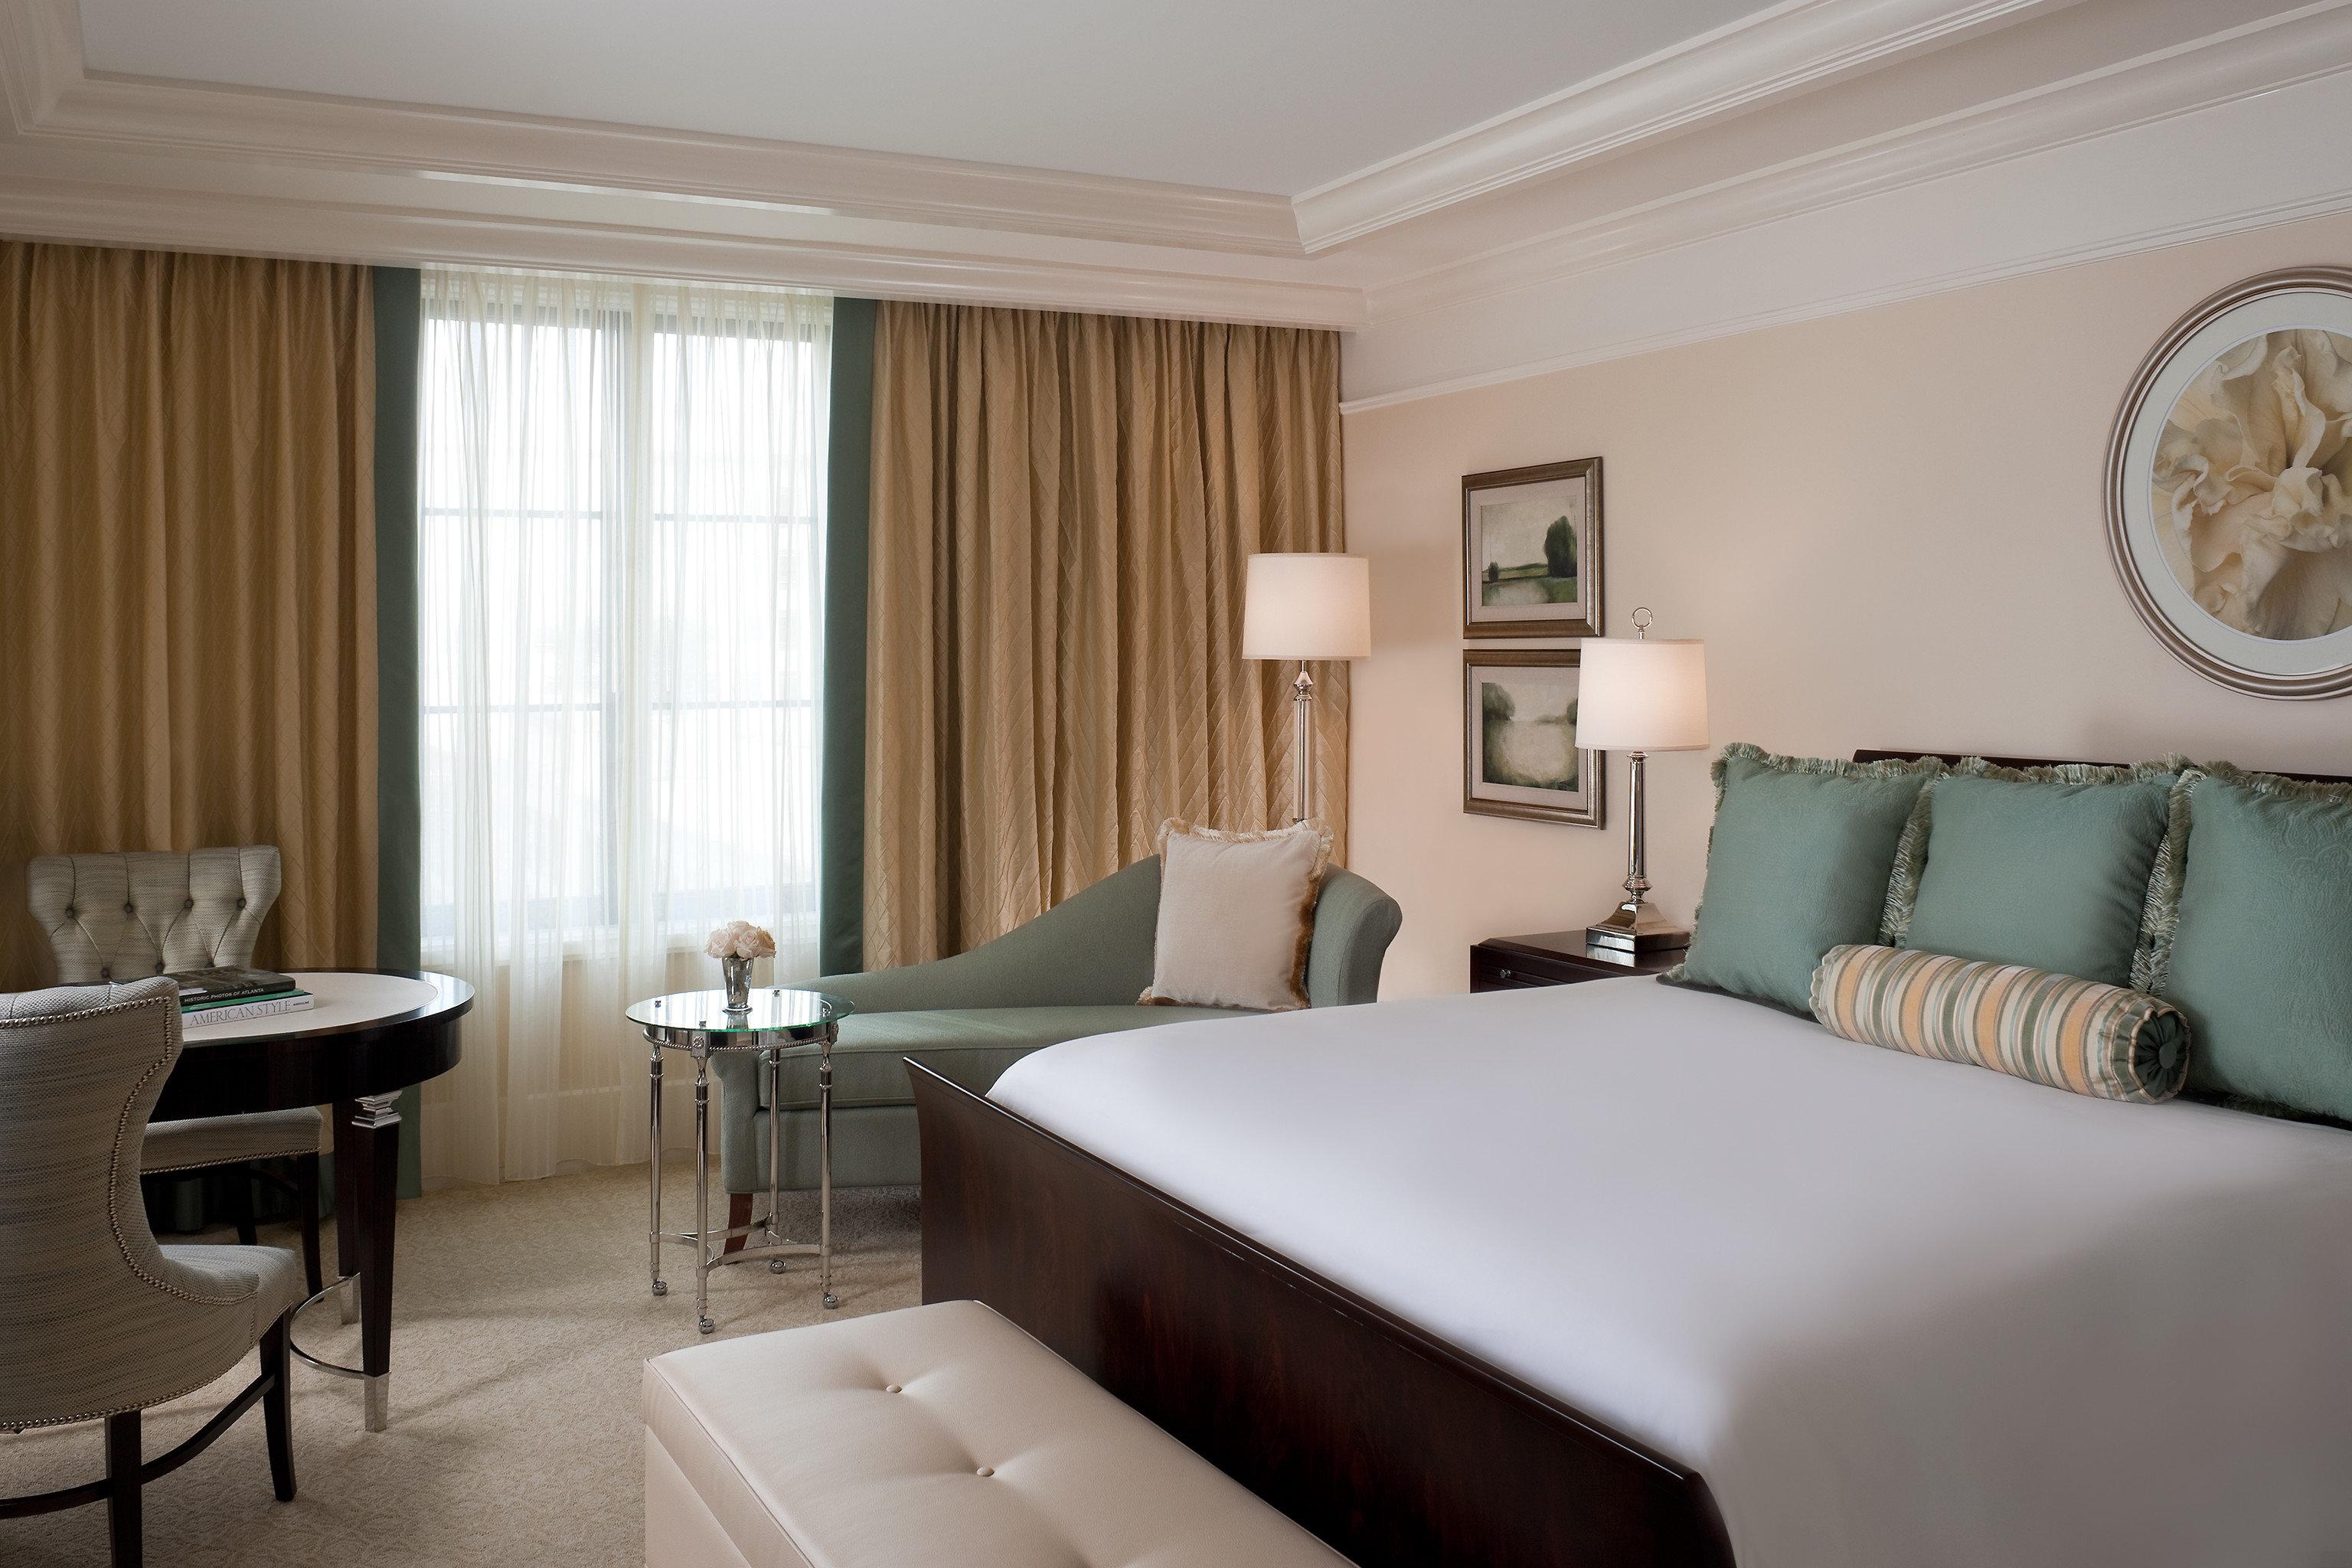 Bedroom Elegant Luxury Suite sofa property home cottage condominium living room containing